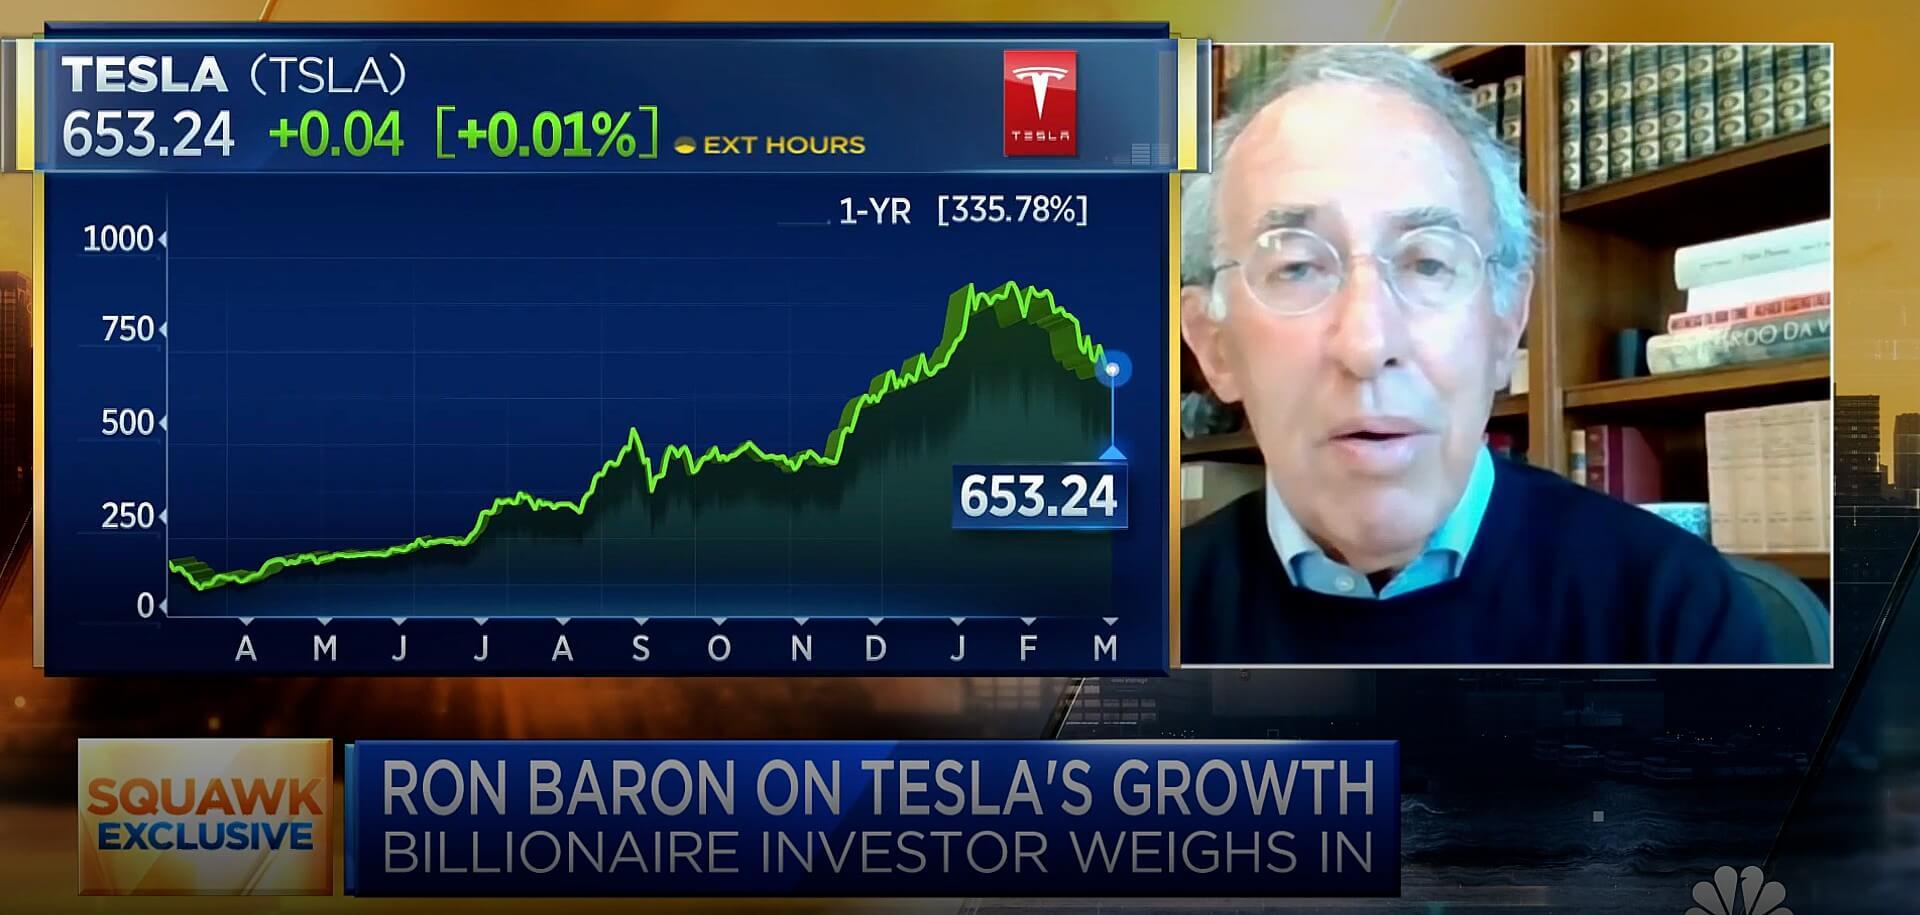 Tesla Bull Baron Capital продала 1,8 млн акций, личные акции Рона Барона остались нетронутыми